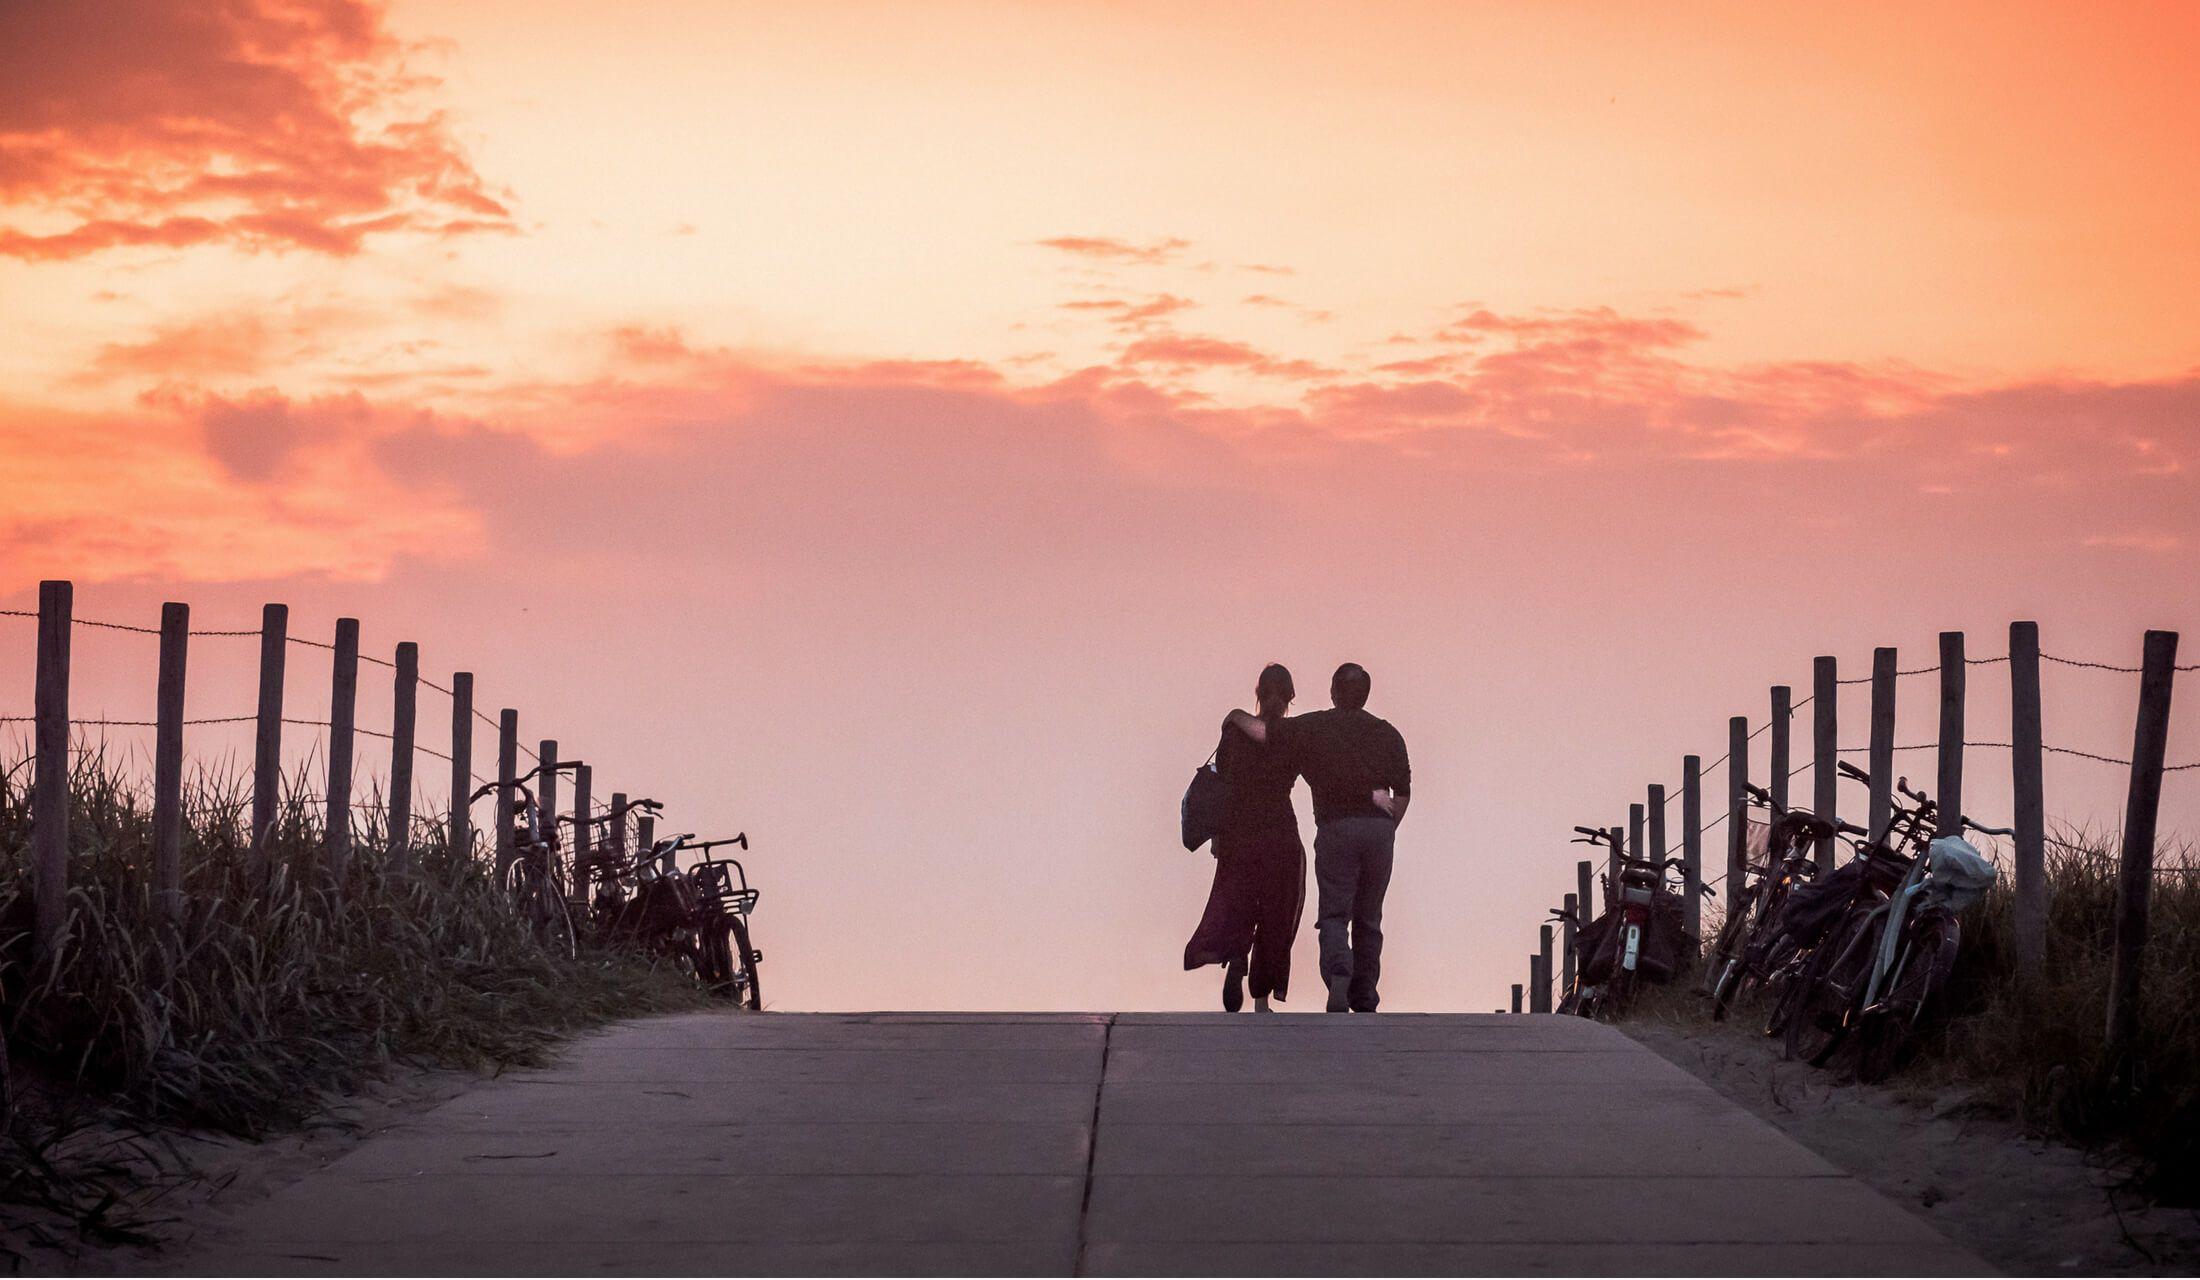 夕焼けの中、真っ直ぐ続く道を男女2人が肩を抱き合って歩いている